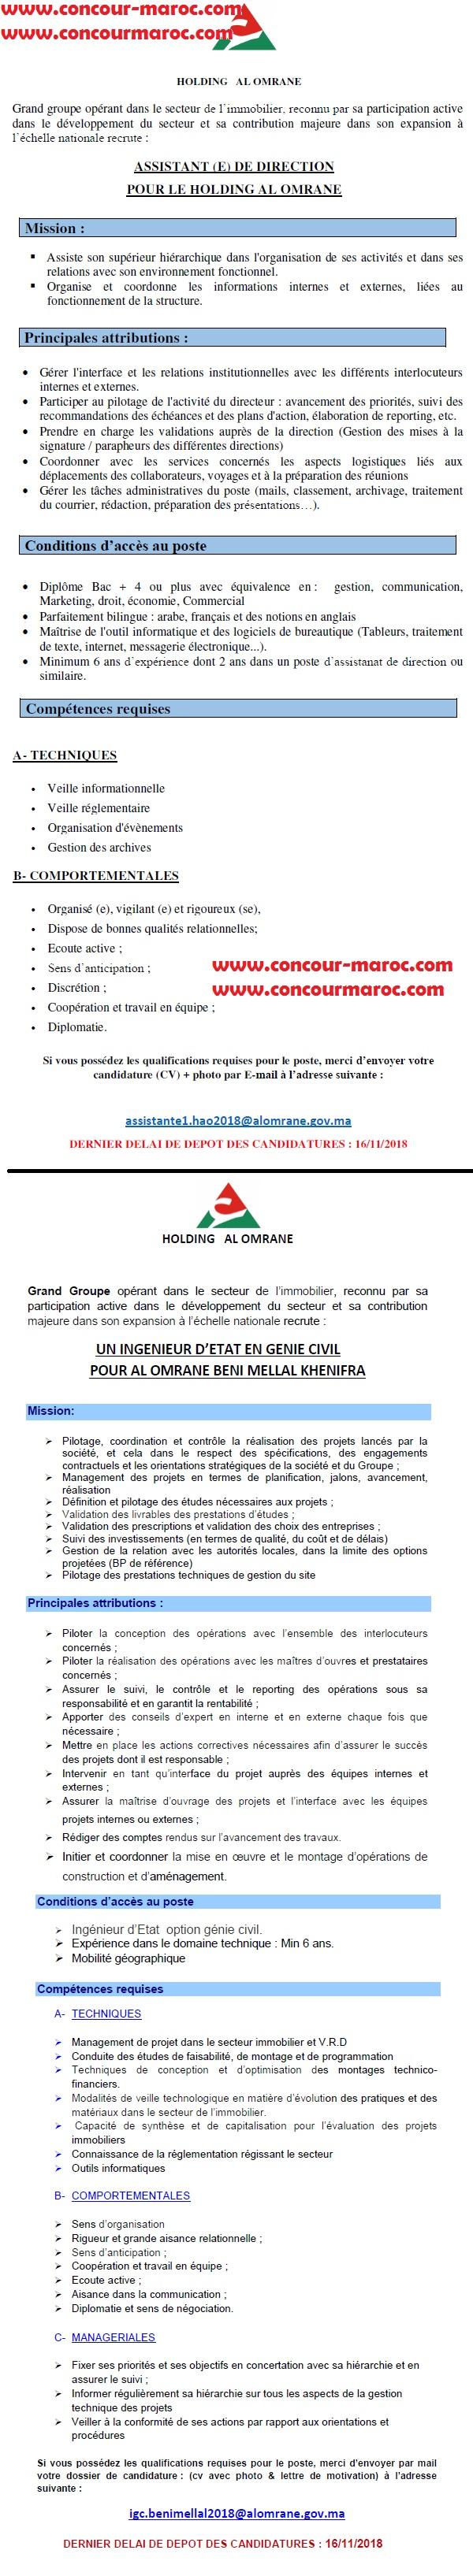 مجموعة التهيئة العمران : مباراة لتوظيف مساعدة إدارية و مهندس دولة آخر أجل 16 نونبر 2018 Alomra10